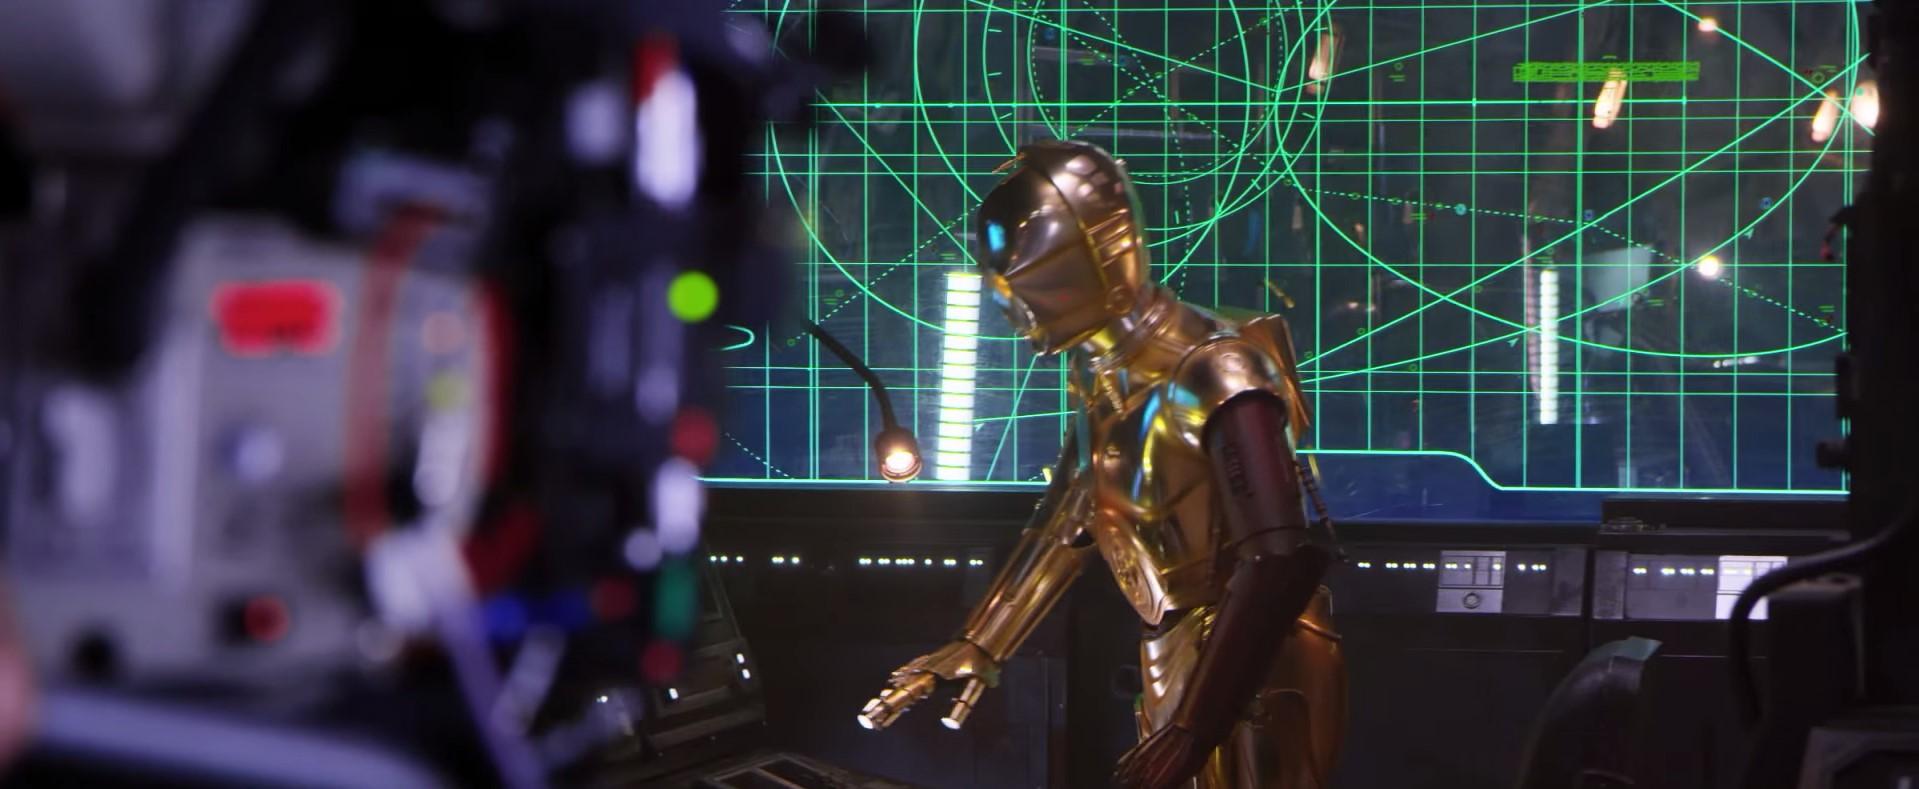 52 C-3PO in CC